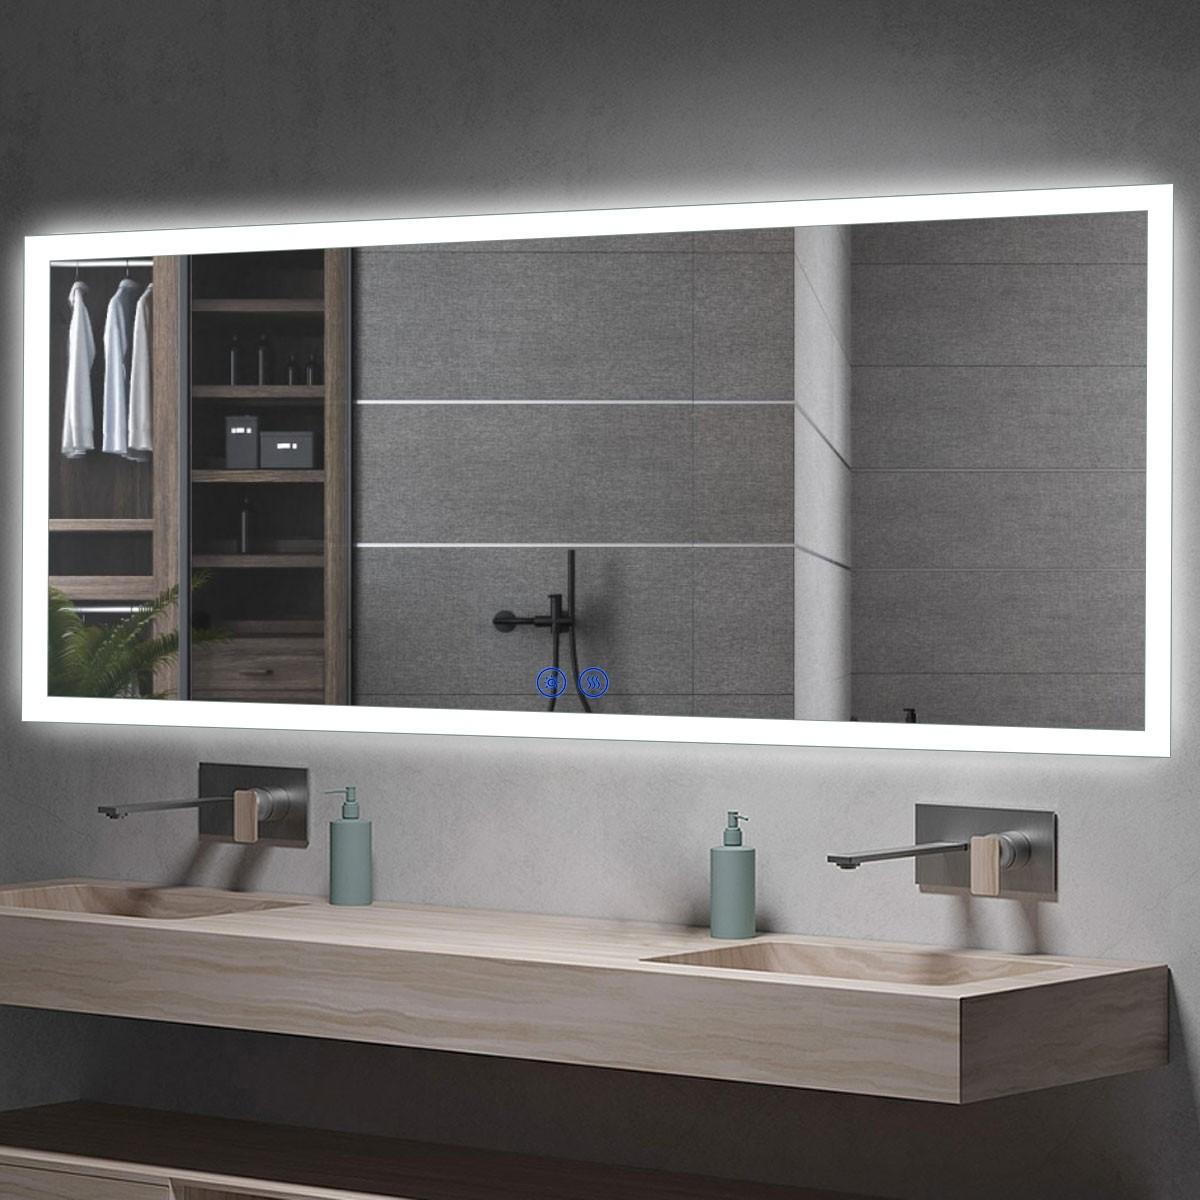 DECORAPORT 60 x 28  Po Miroir de Salle de Bain LED/Miroir Chambre avec Bouton Tactile, Anti-Buée, Luminosité Réglable, Montage Vertical & Horizontal (NT04-6028)